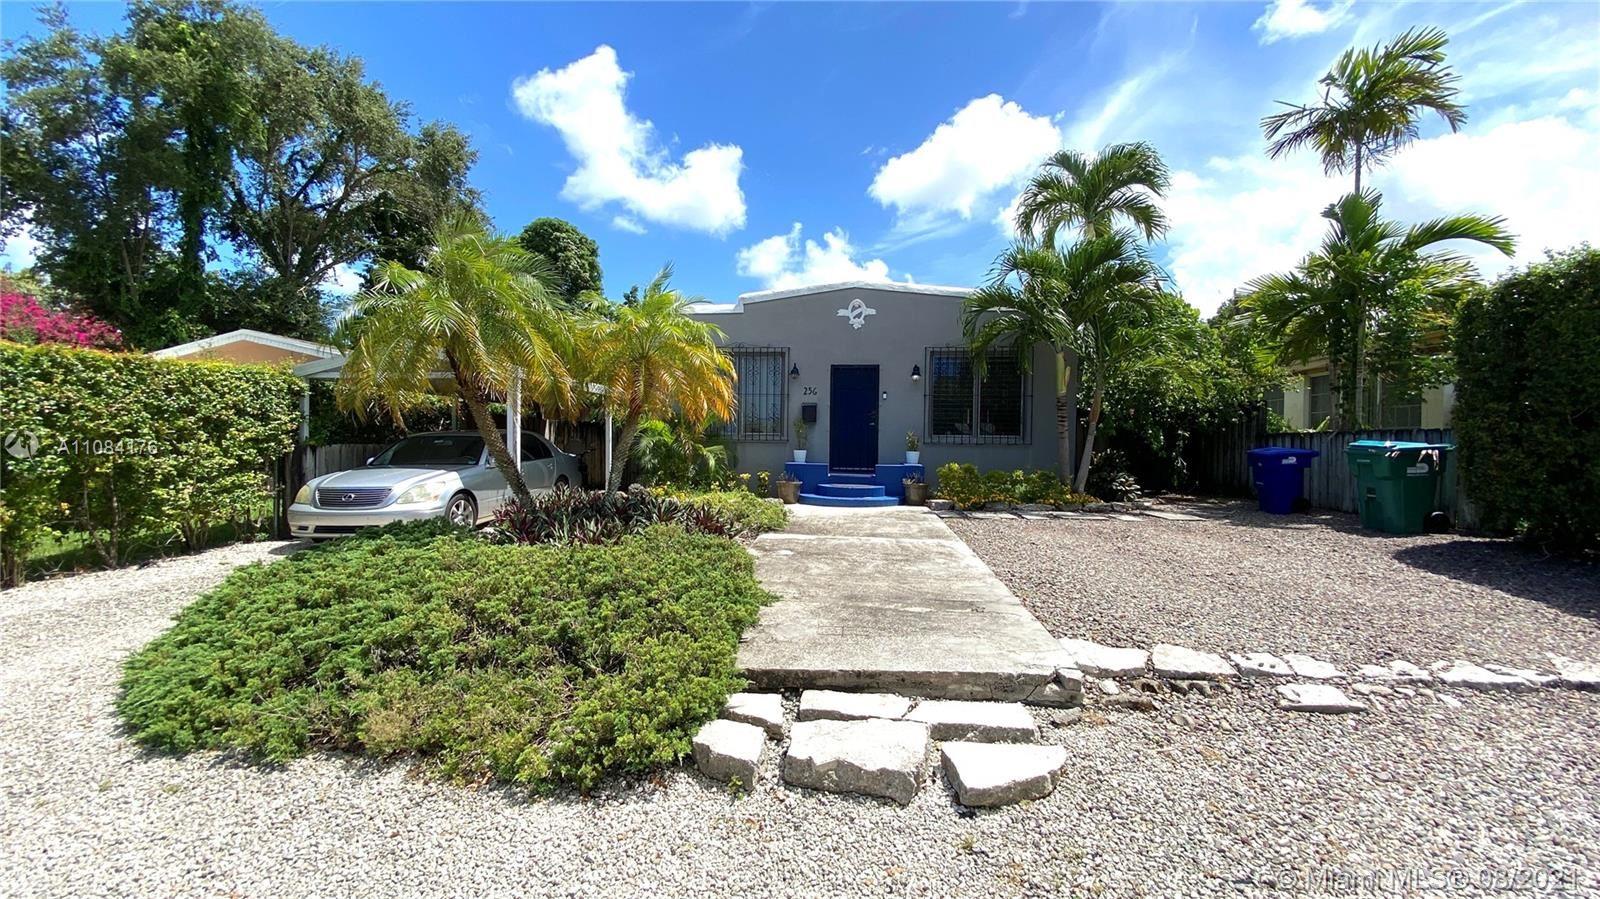 256 NE 117th St, Miami, FL 33161 - #: A11084176